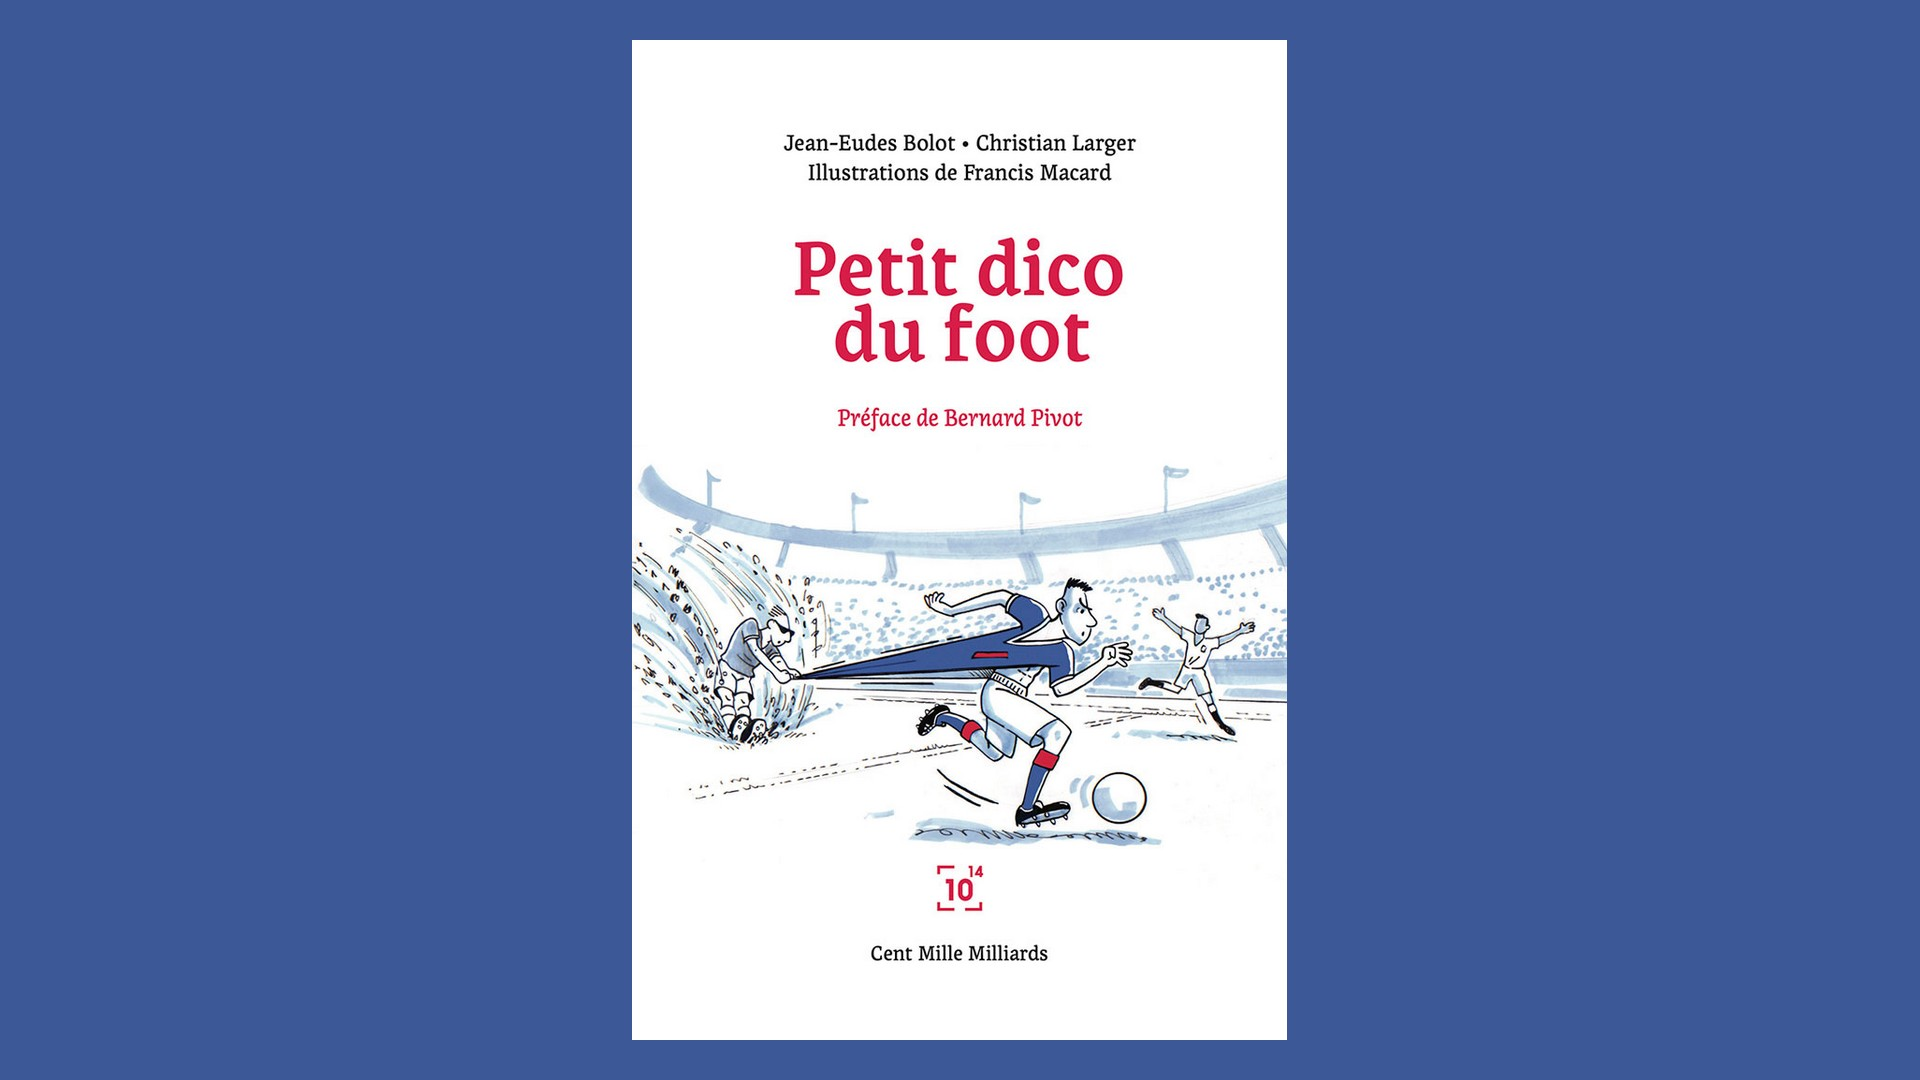 Livres – Petit dico du foot – jean-Eudes Bolot